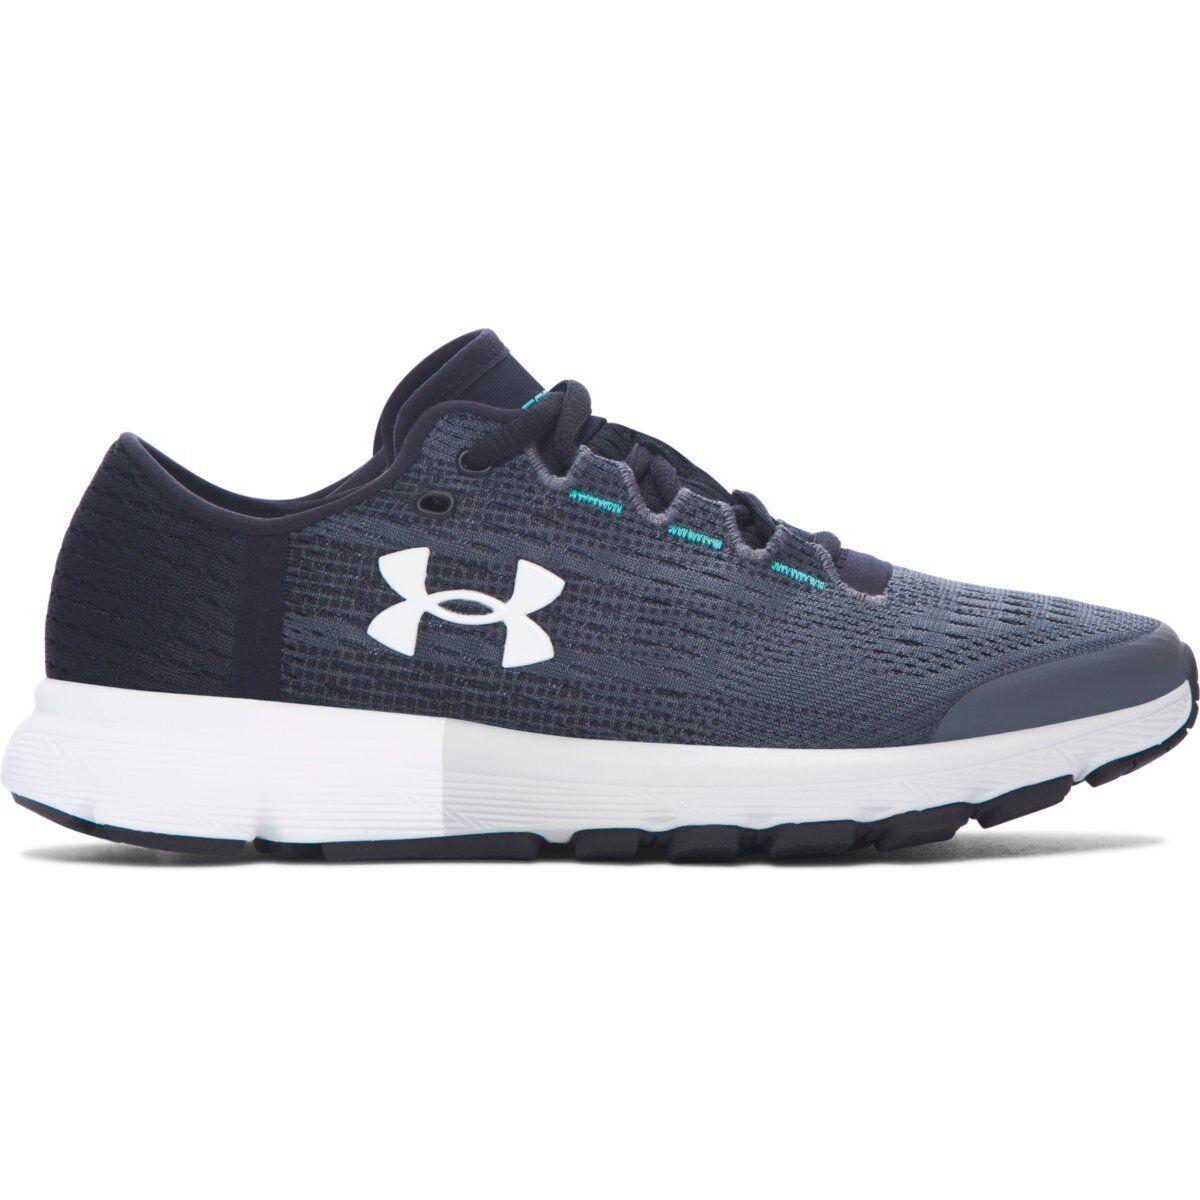 Women's Under Armour Speedform Velociti Running Shoe Rhino Gray/Black/White